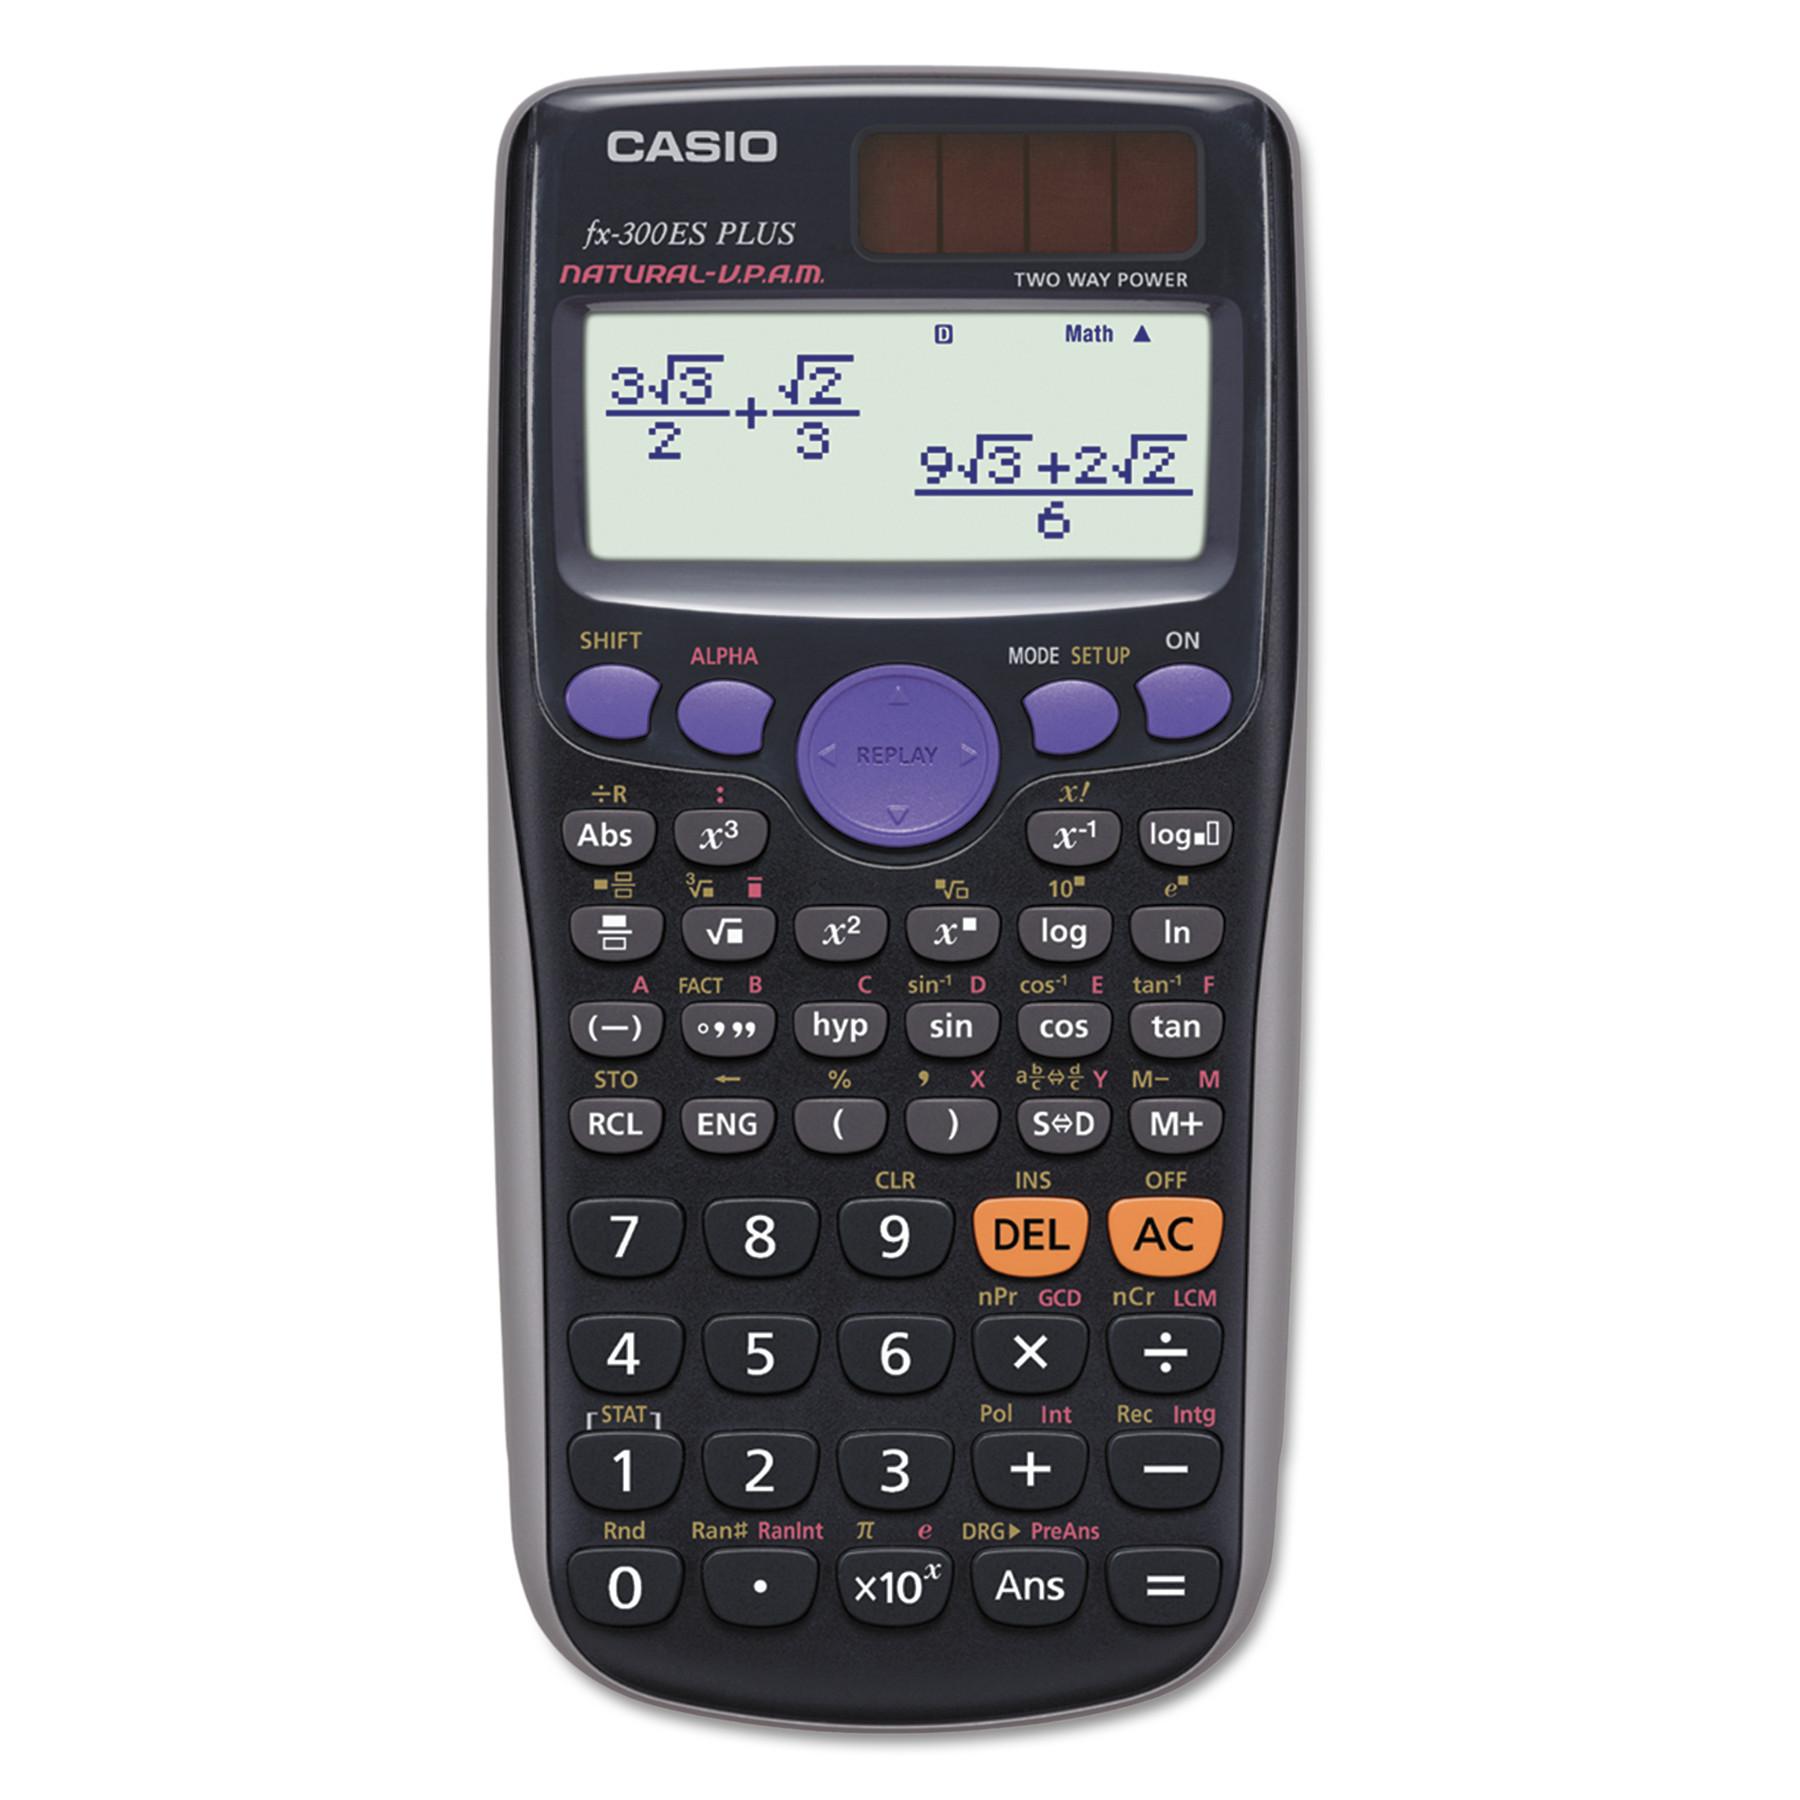 Casio FX-300ES PLUS Scientific Calculator, 10-Digit, Natural Textbook Display, LCD